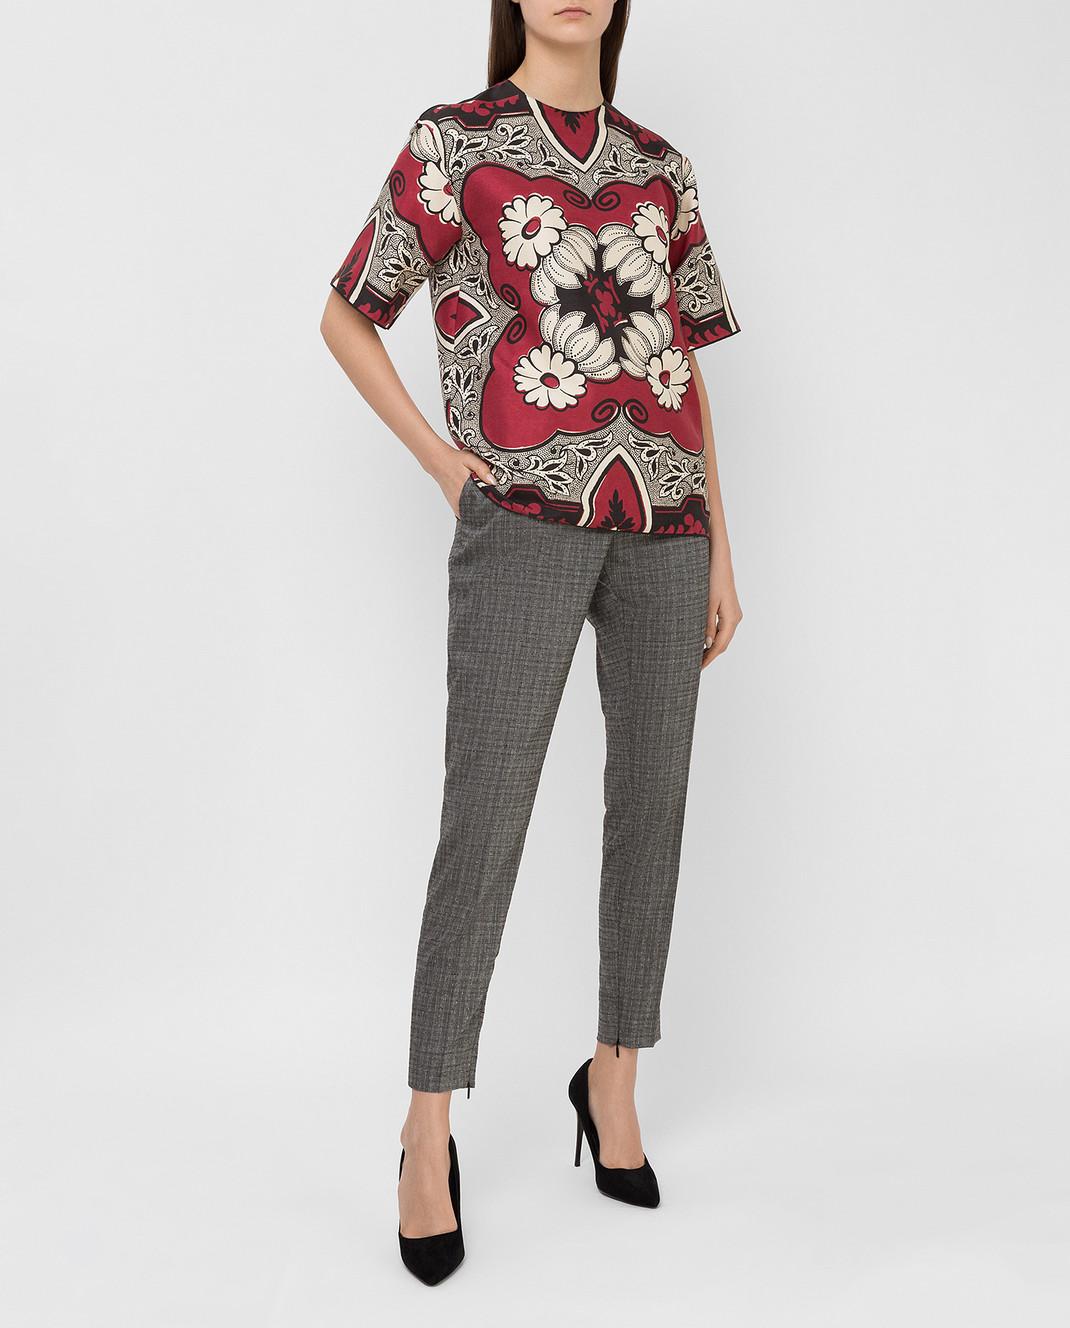 Saint Laurent Серые брюки из шерсти и мохера 502533Y083S изображение 2